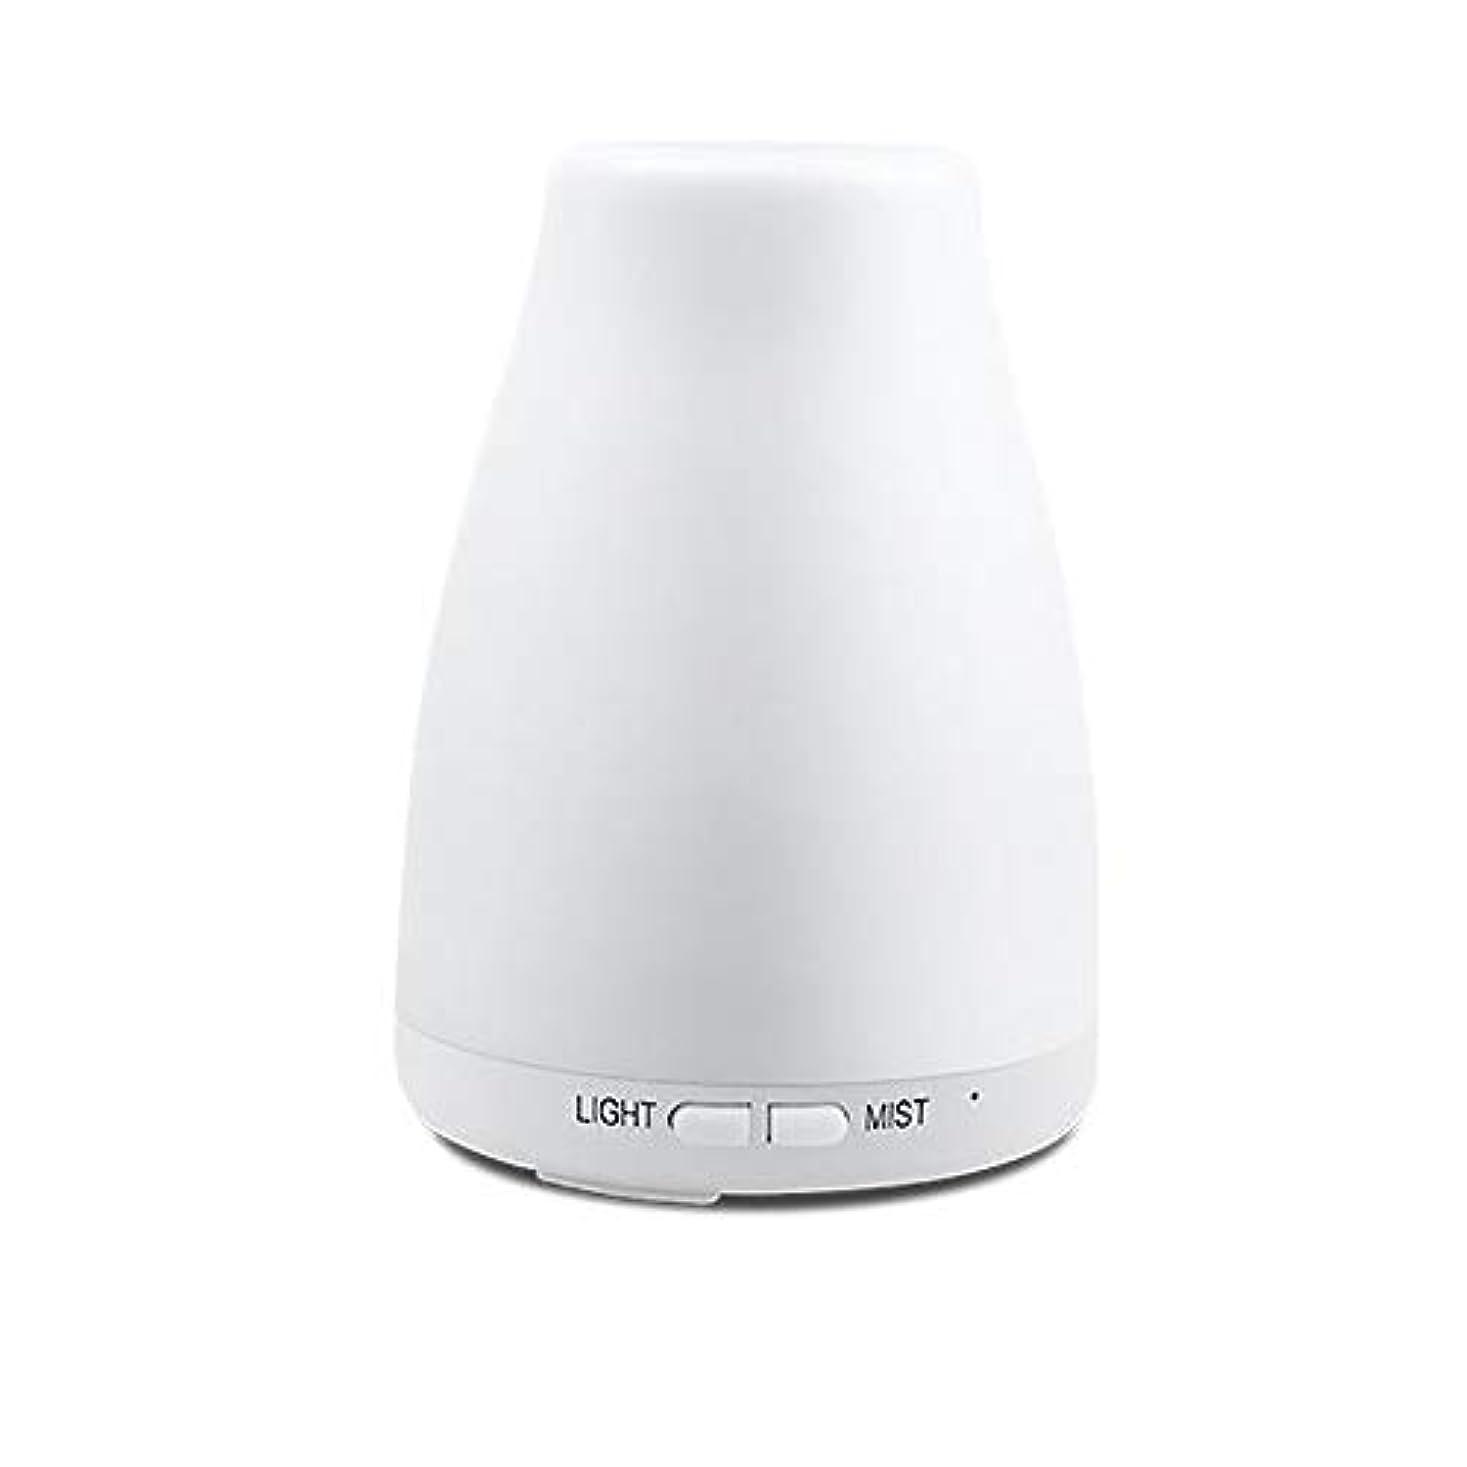 現在ネックレス深める精油ディフューザー、アロマ精油クールミスト加湿器付き調節可能なミストモード7色ledライト用ホームオフィスの寝室の部屋